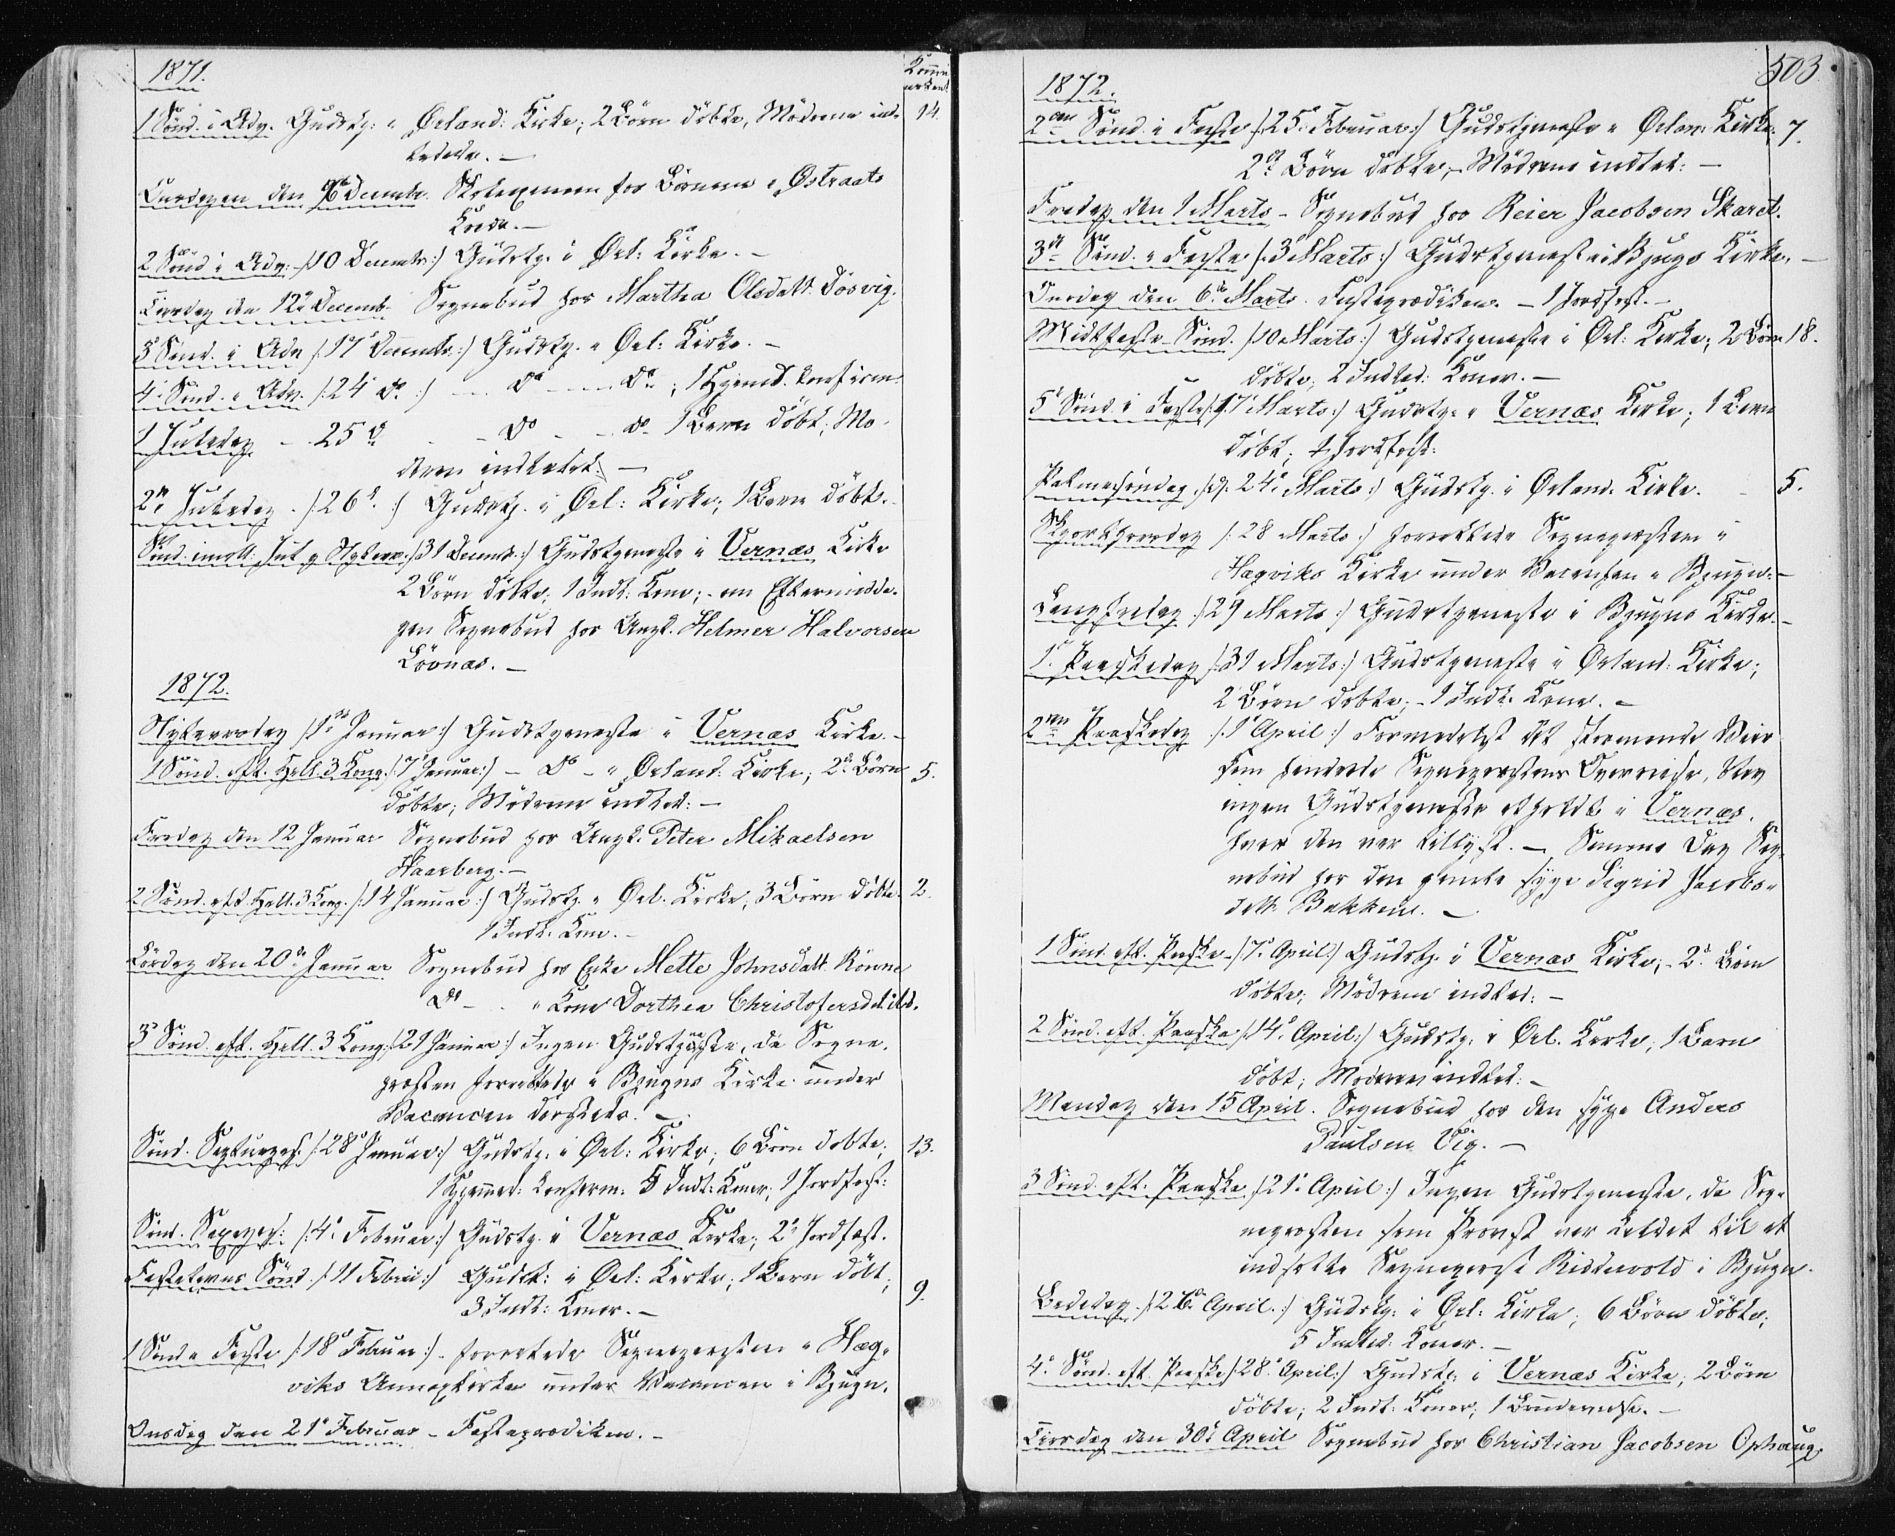 SAT, Ministerialprotokoller, klokkerbøker og fødselsregistre - Sør-Trøndelag, 659/L0737: Ministerialbok nr. 659A07, 1857-1875, s. 503